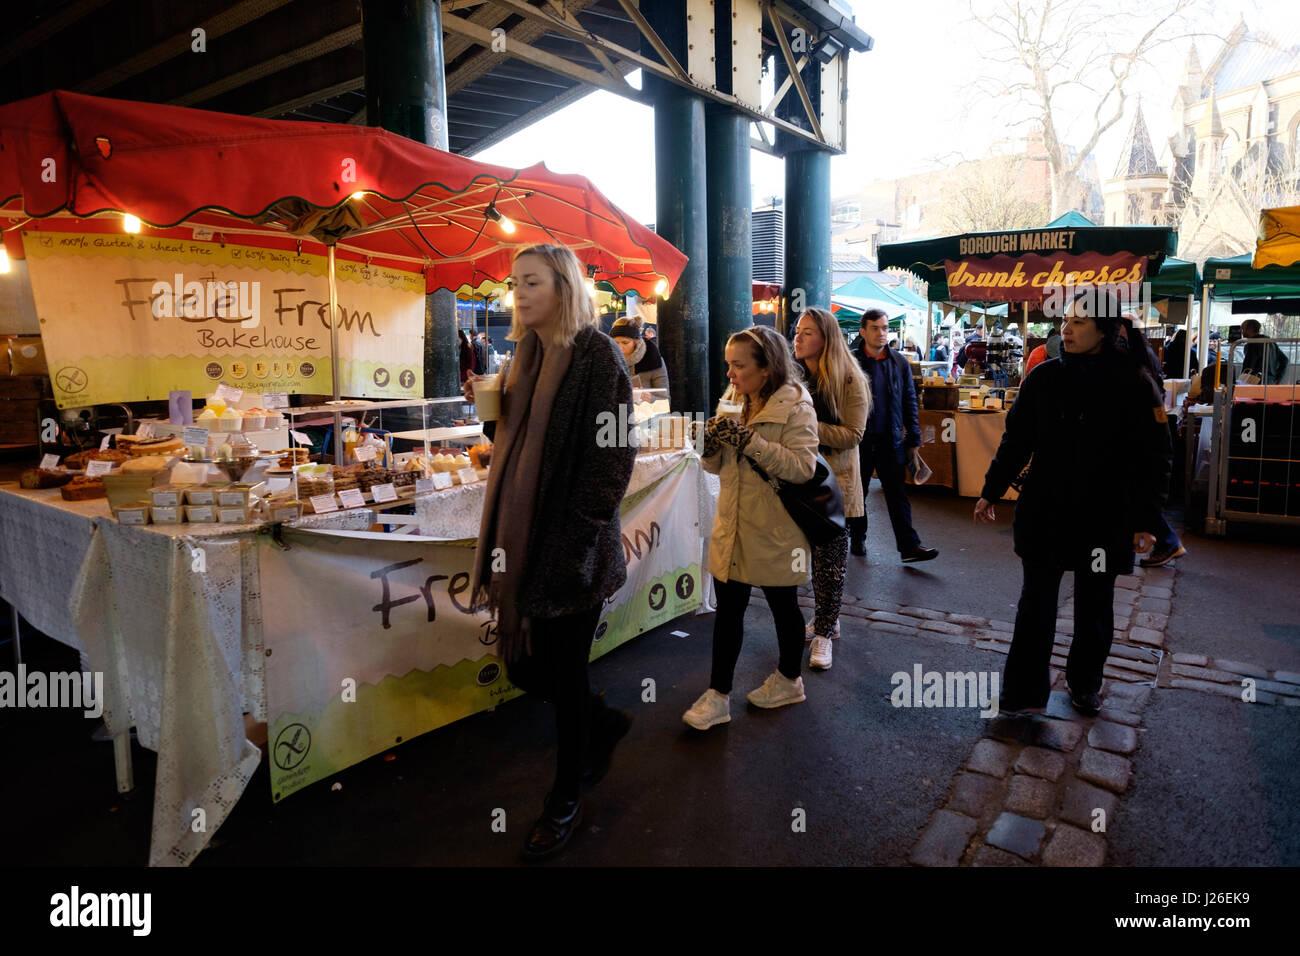 Borough Market, London, England, UK, Europe - Stock Image